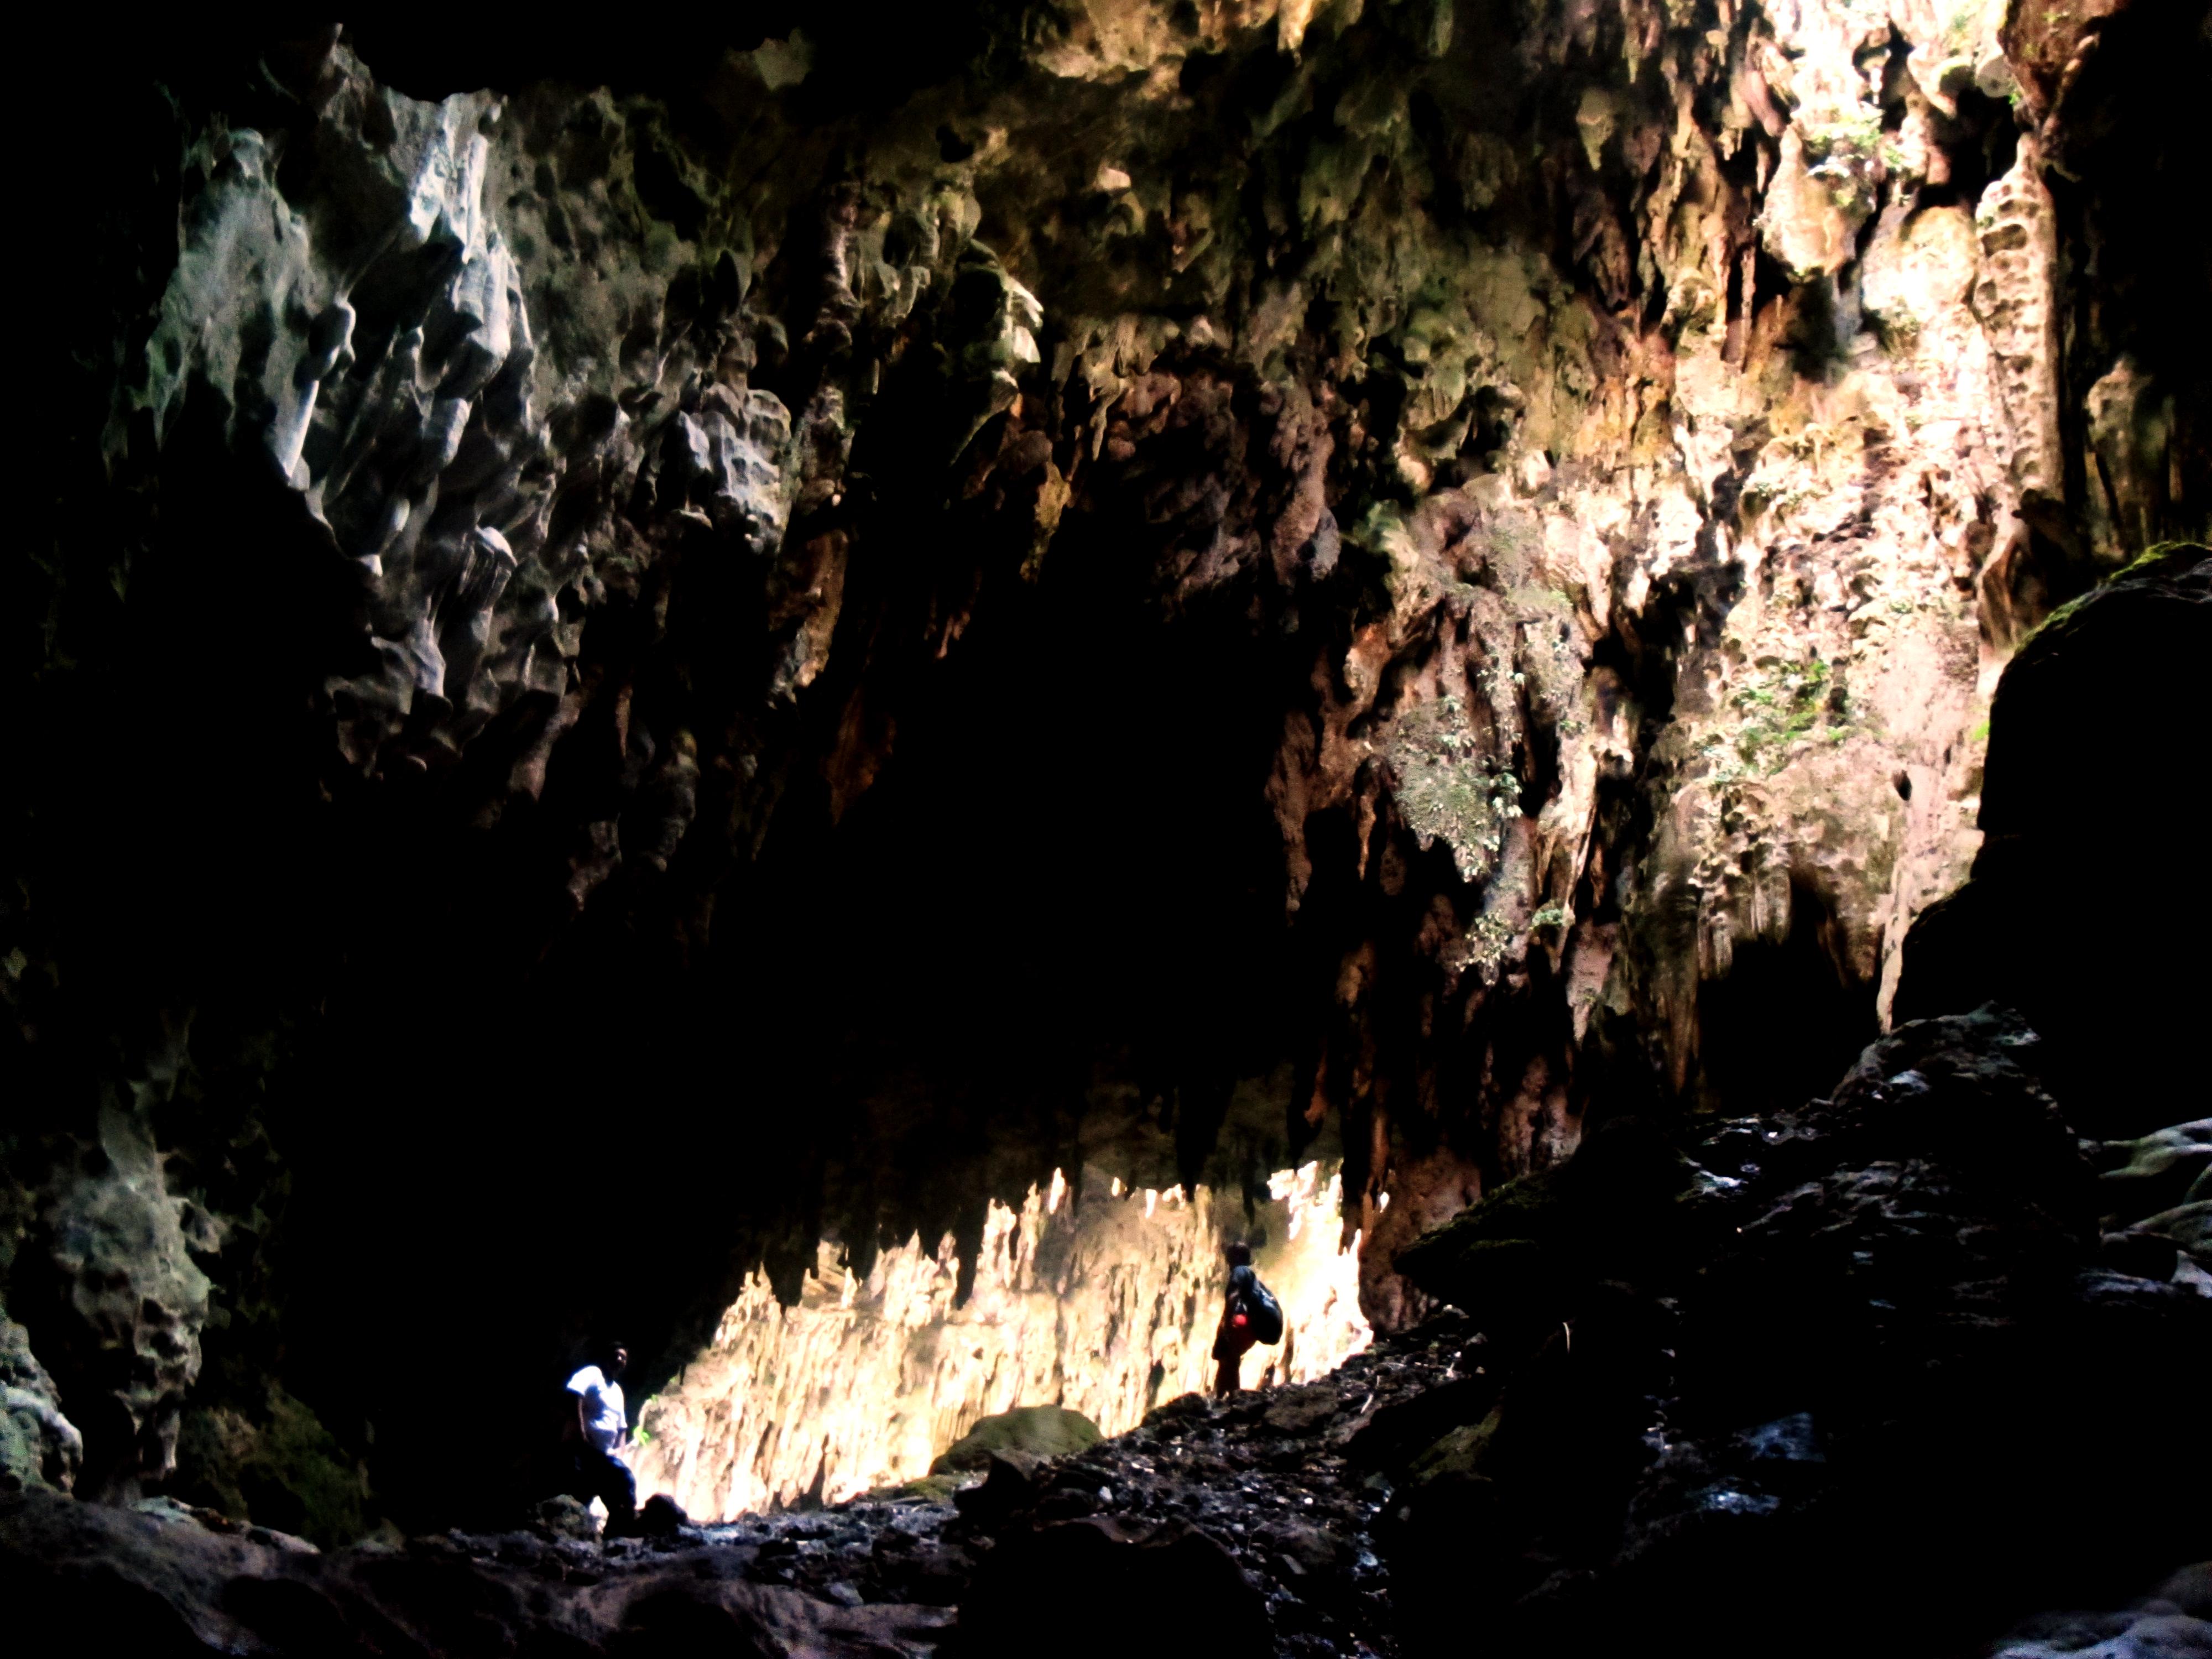 Vnitřní prostor jeskyně Callao Cave na ostrově Luzon. Kredit: Ervin Malicdem. Snímek pořízen v roce 2013. CC BY-SA 4.0         https://en.wikipedia.org/wiki/Callao_Cave#/media/File:Callao_Cave.jpg       Další obrázky z vykopávek projektu CALLAO CAVE